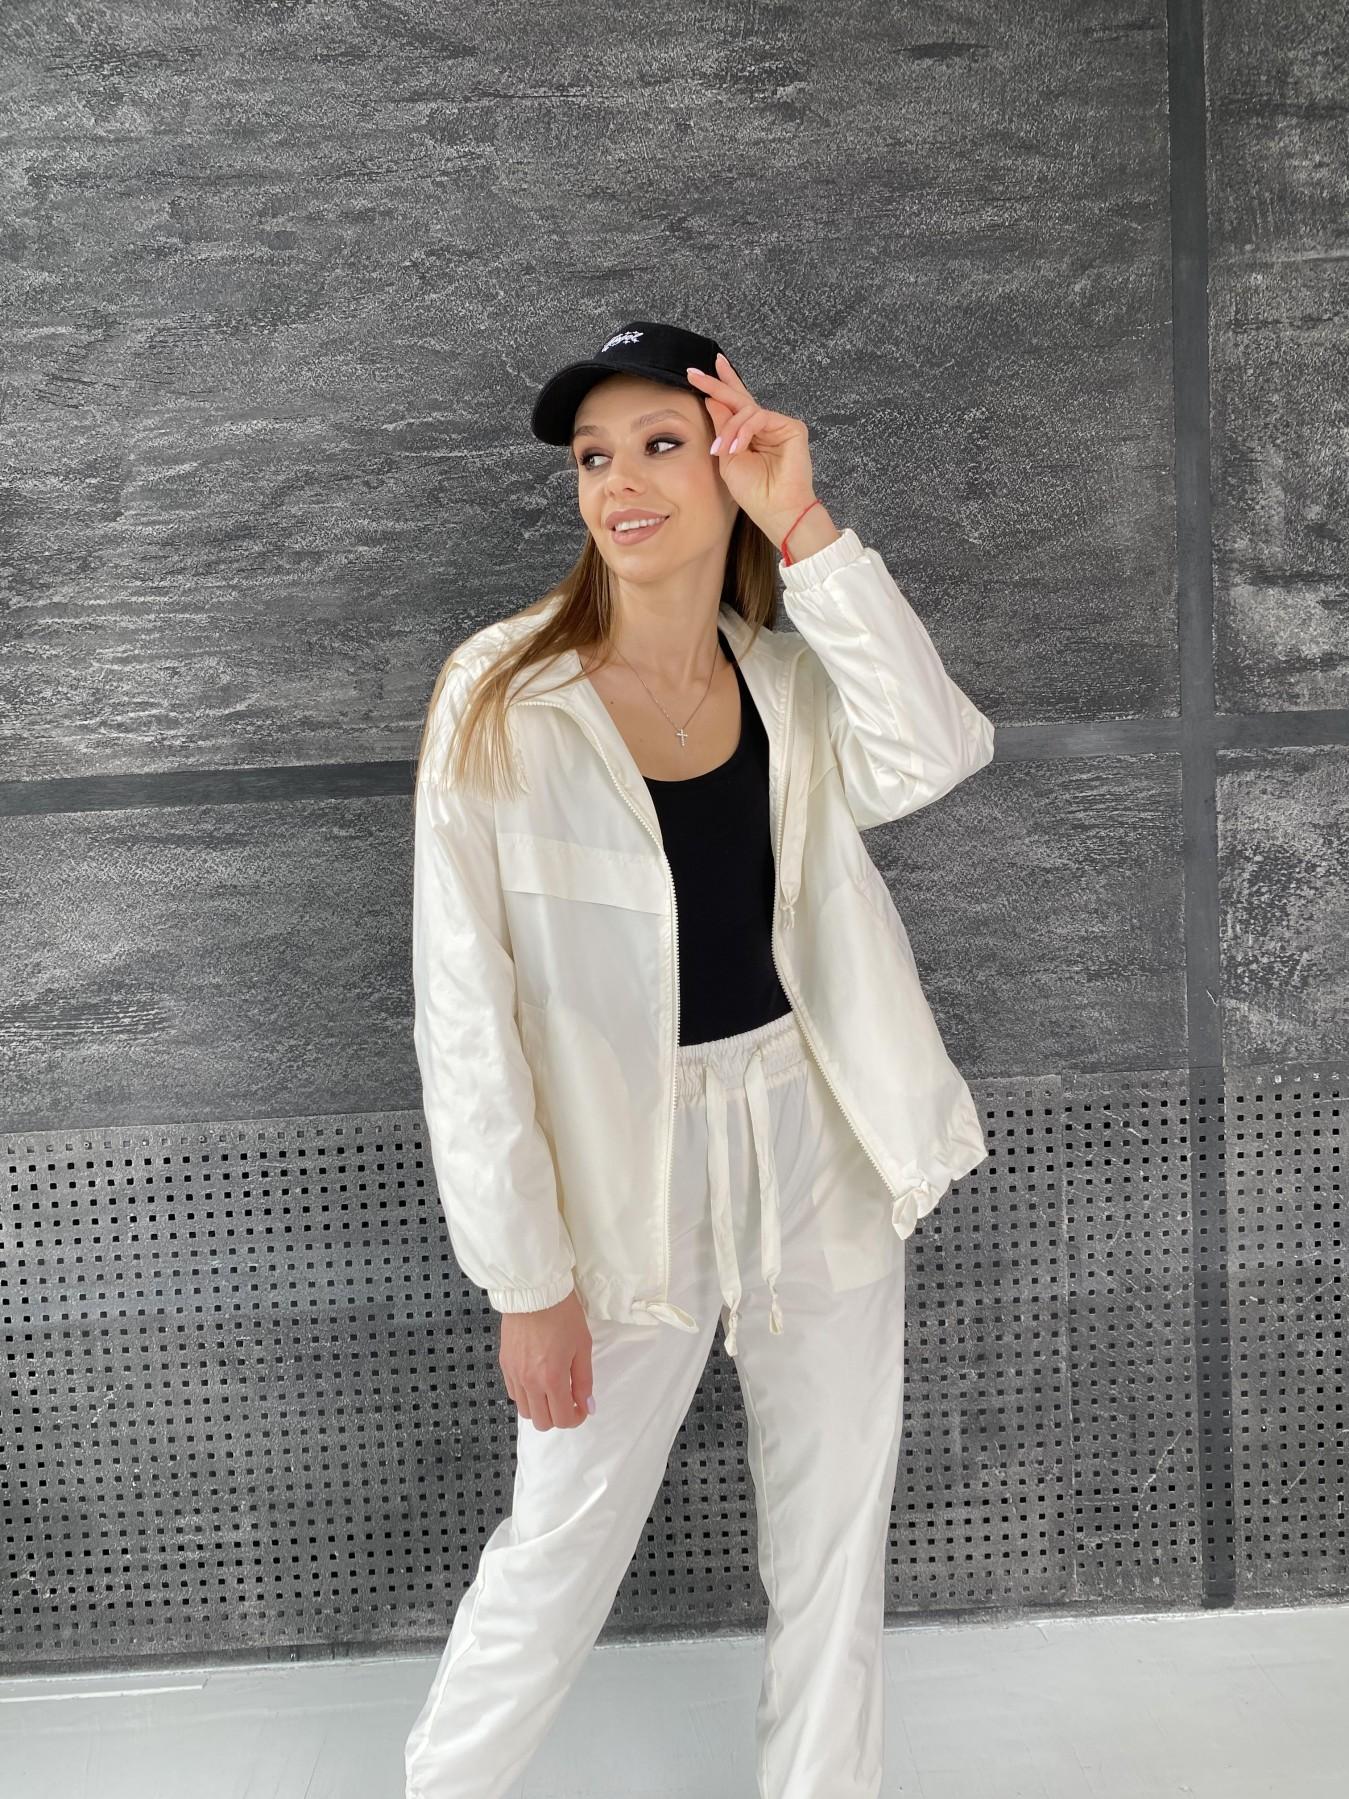 Фит костюм из плащевой ткани 11048 АРТ. 47533 Цвет: Молоко - фото 7, интернет магазин tm-modus.ru